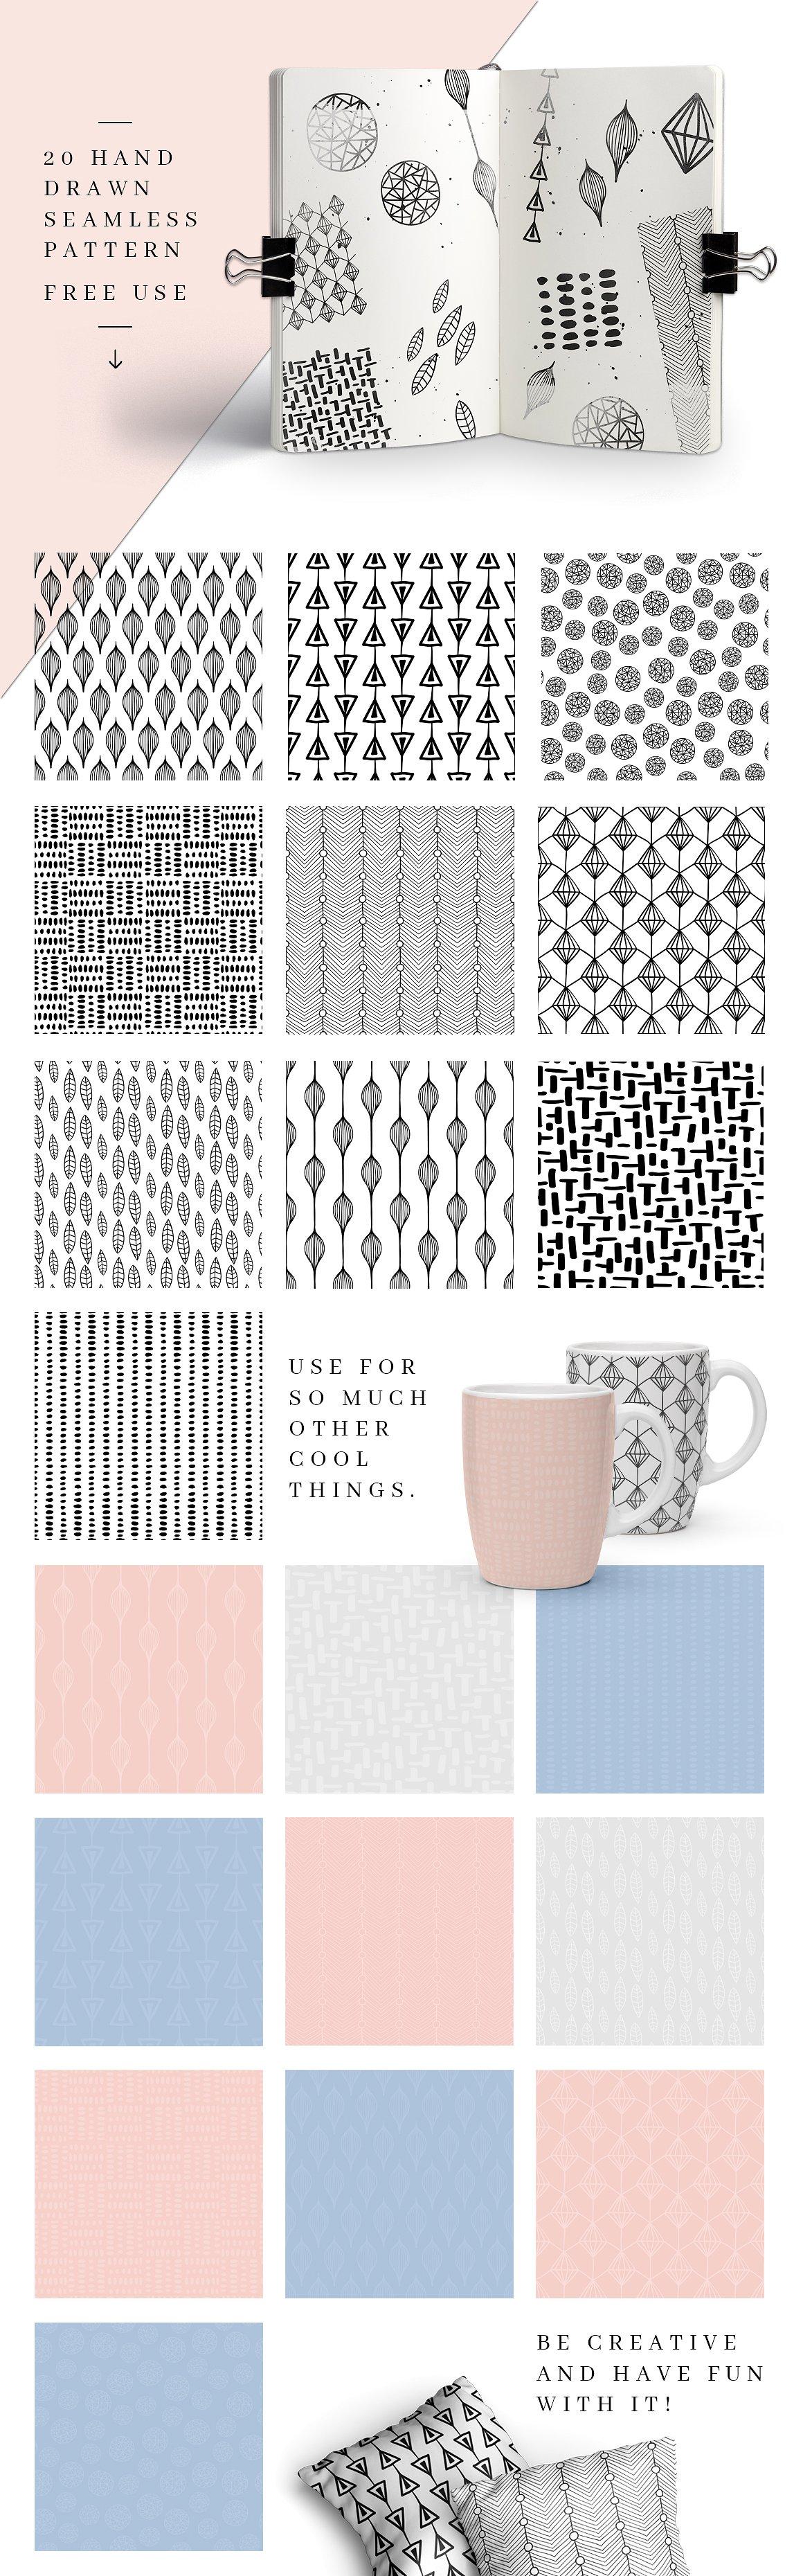 20种时尚的无缝图案循环纹理背景素材下载[EPS]设计素材模板